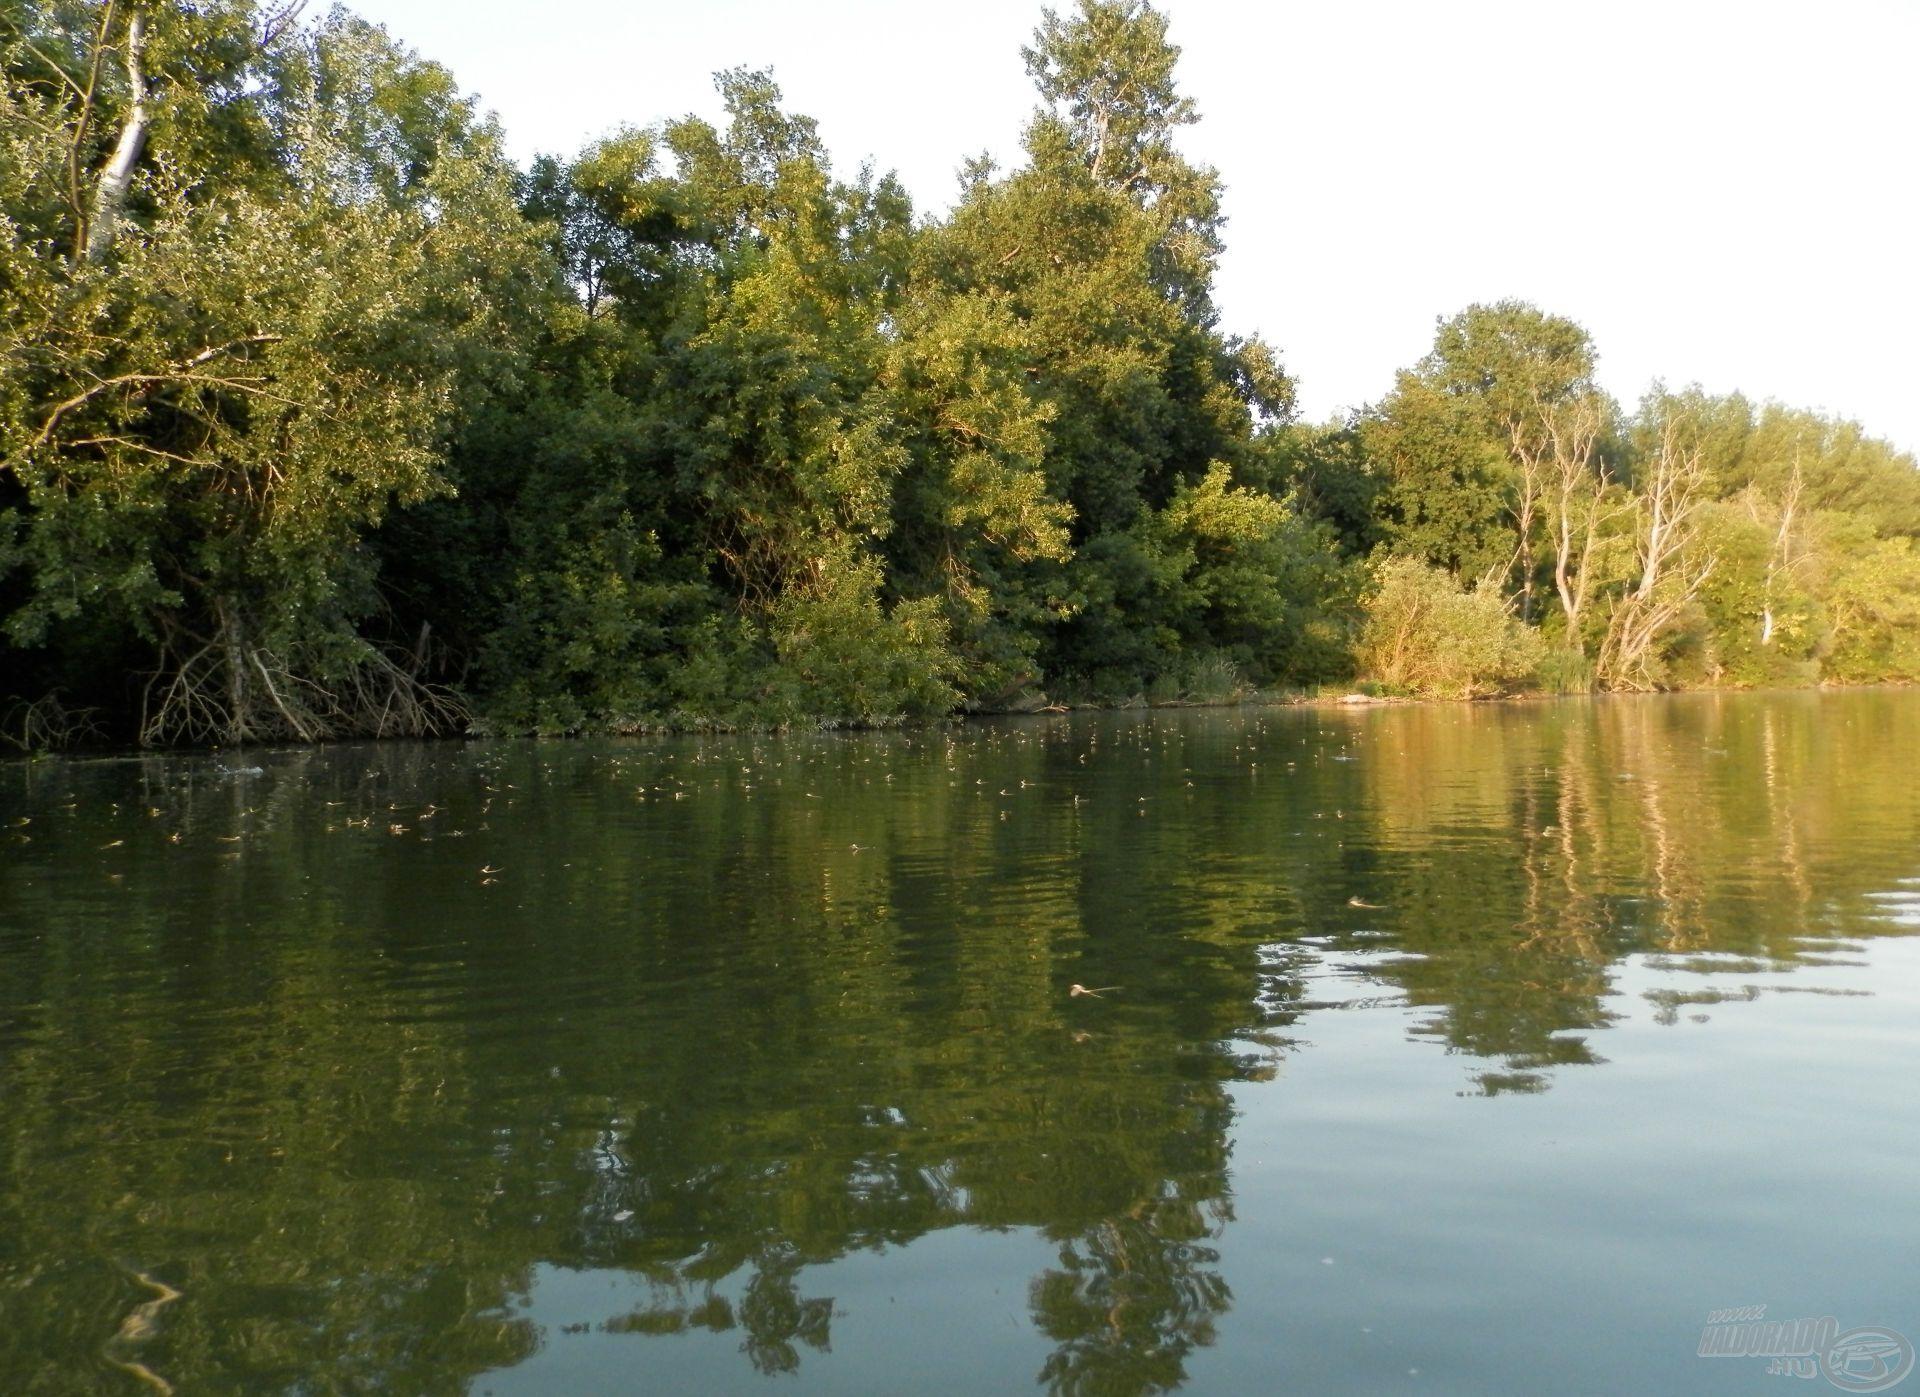 Nekünk az a legjobb eset, amikor nem túl sok, de nem is túl kevés a kérész a folyó felszínén